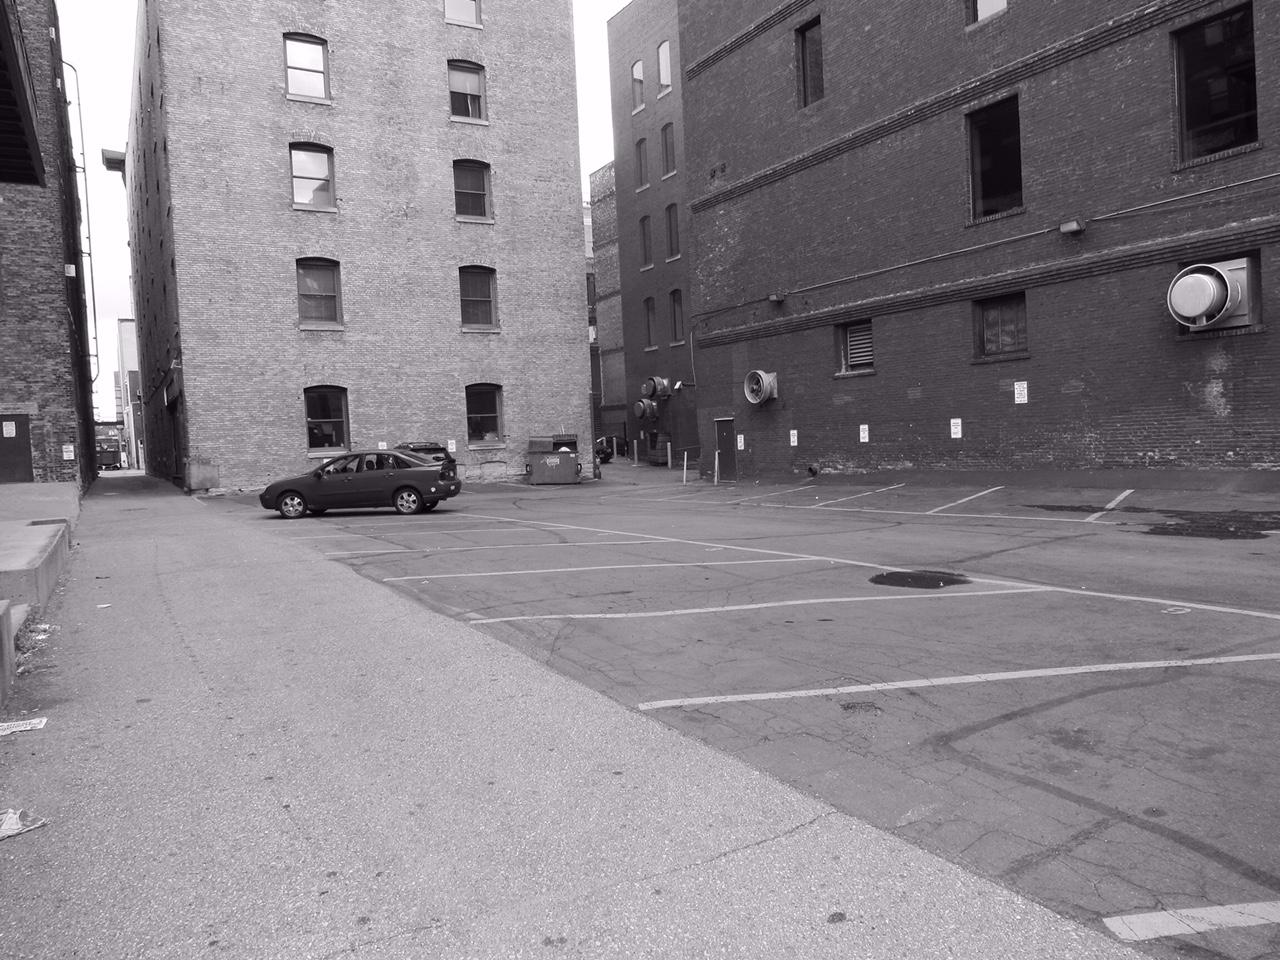 Parking lot in St. Paul's Lowertown